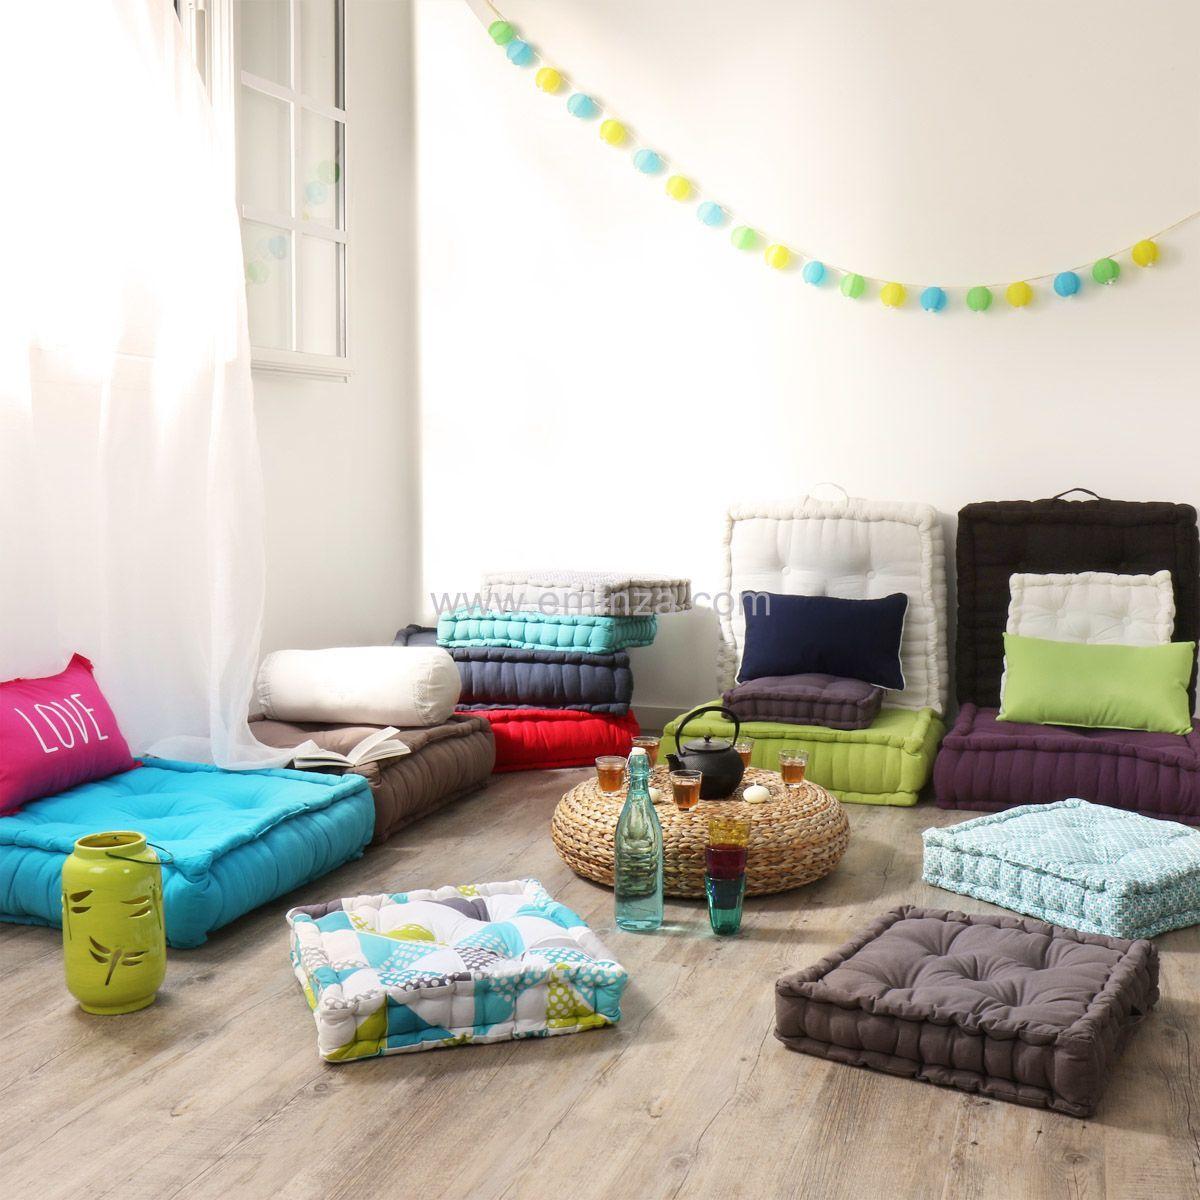 Chambre Turquoise Et Chocolat : … de Maison > Coussin et galette > Coussin de sol (50 cm) Bleu turquoise